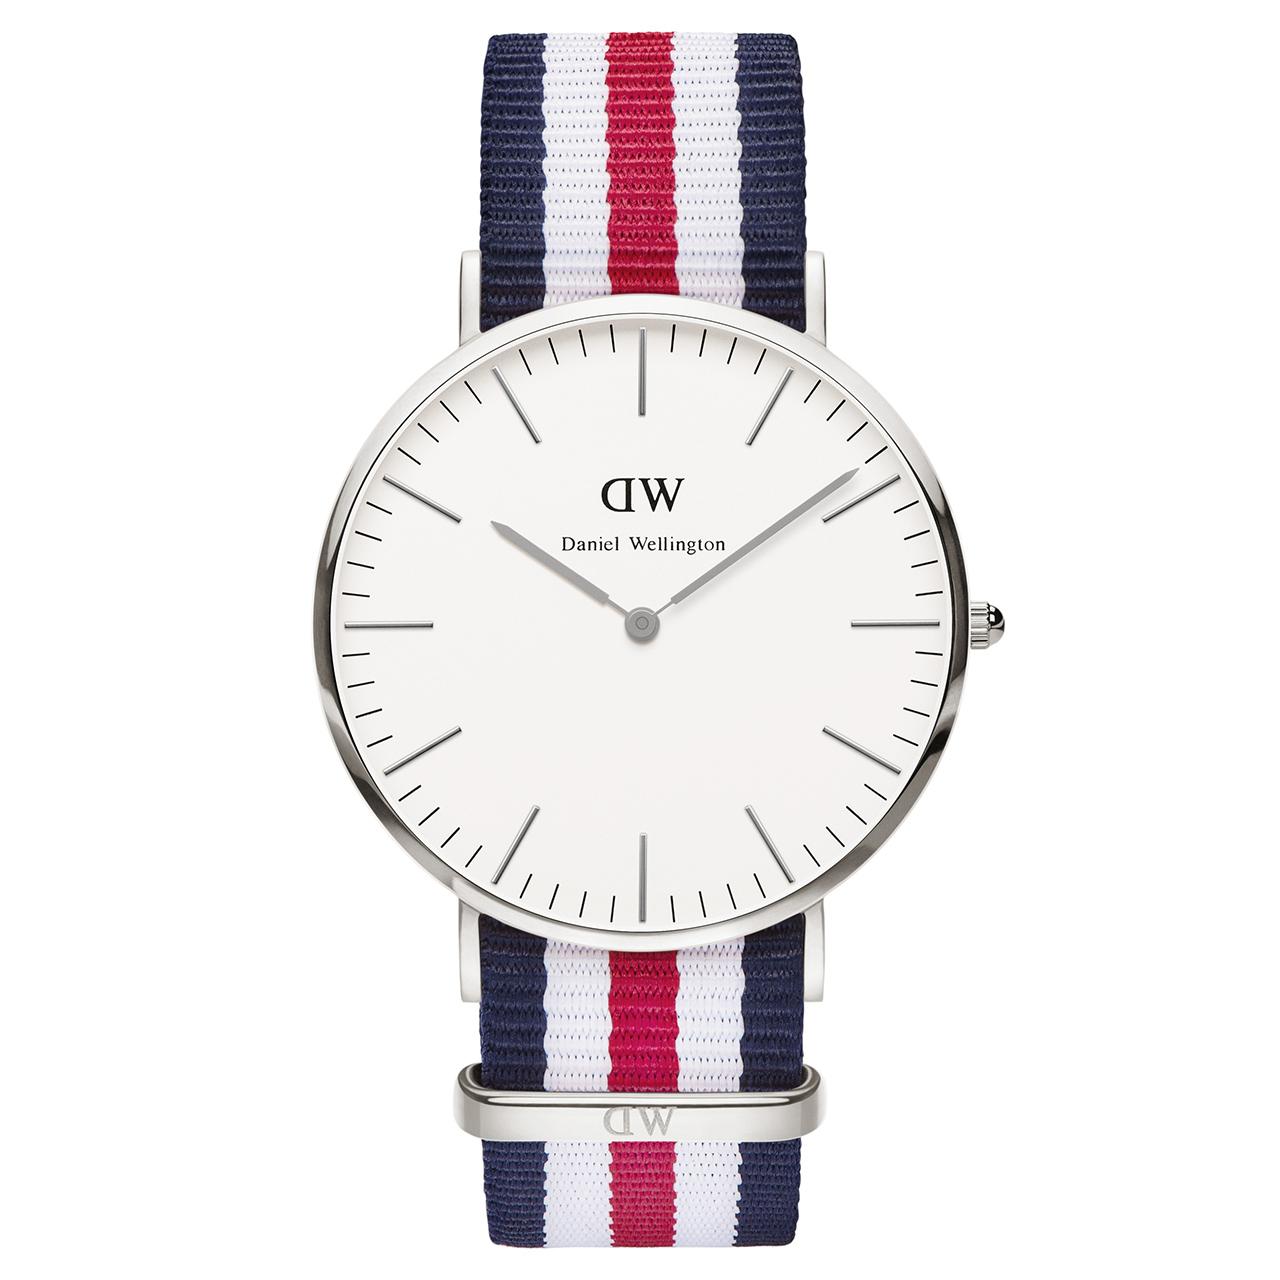 ساعت مچی عقربه ای مردانه مدل DW00100016 55